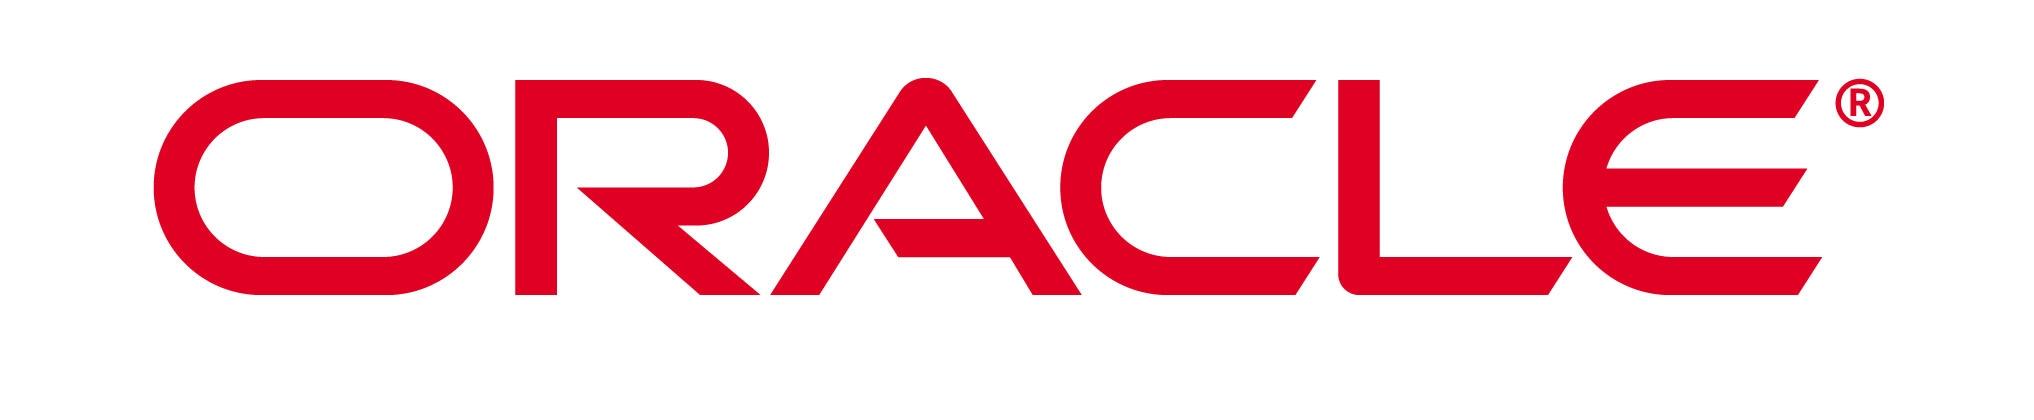 Oracle logo-oracle